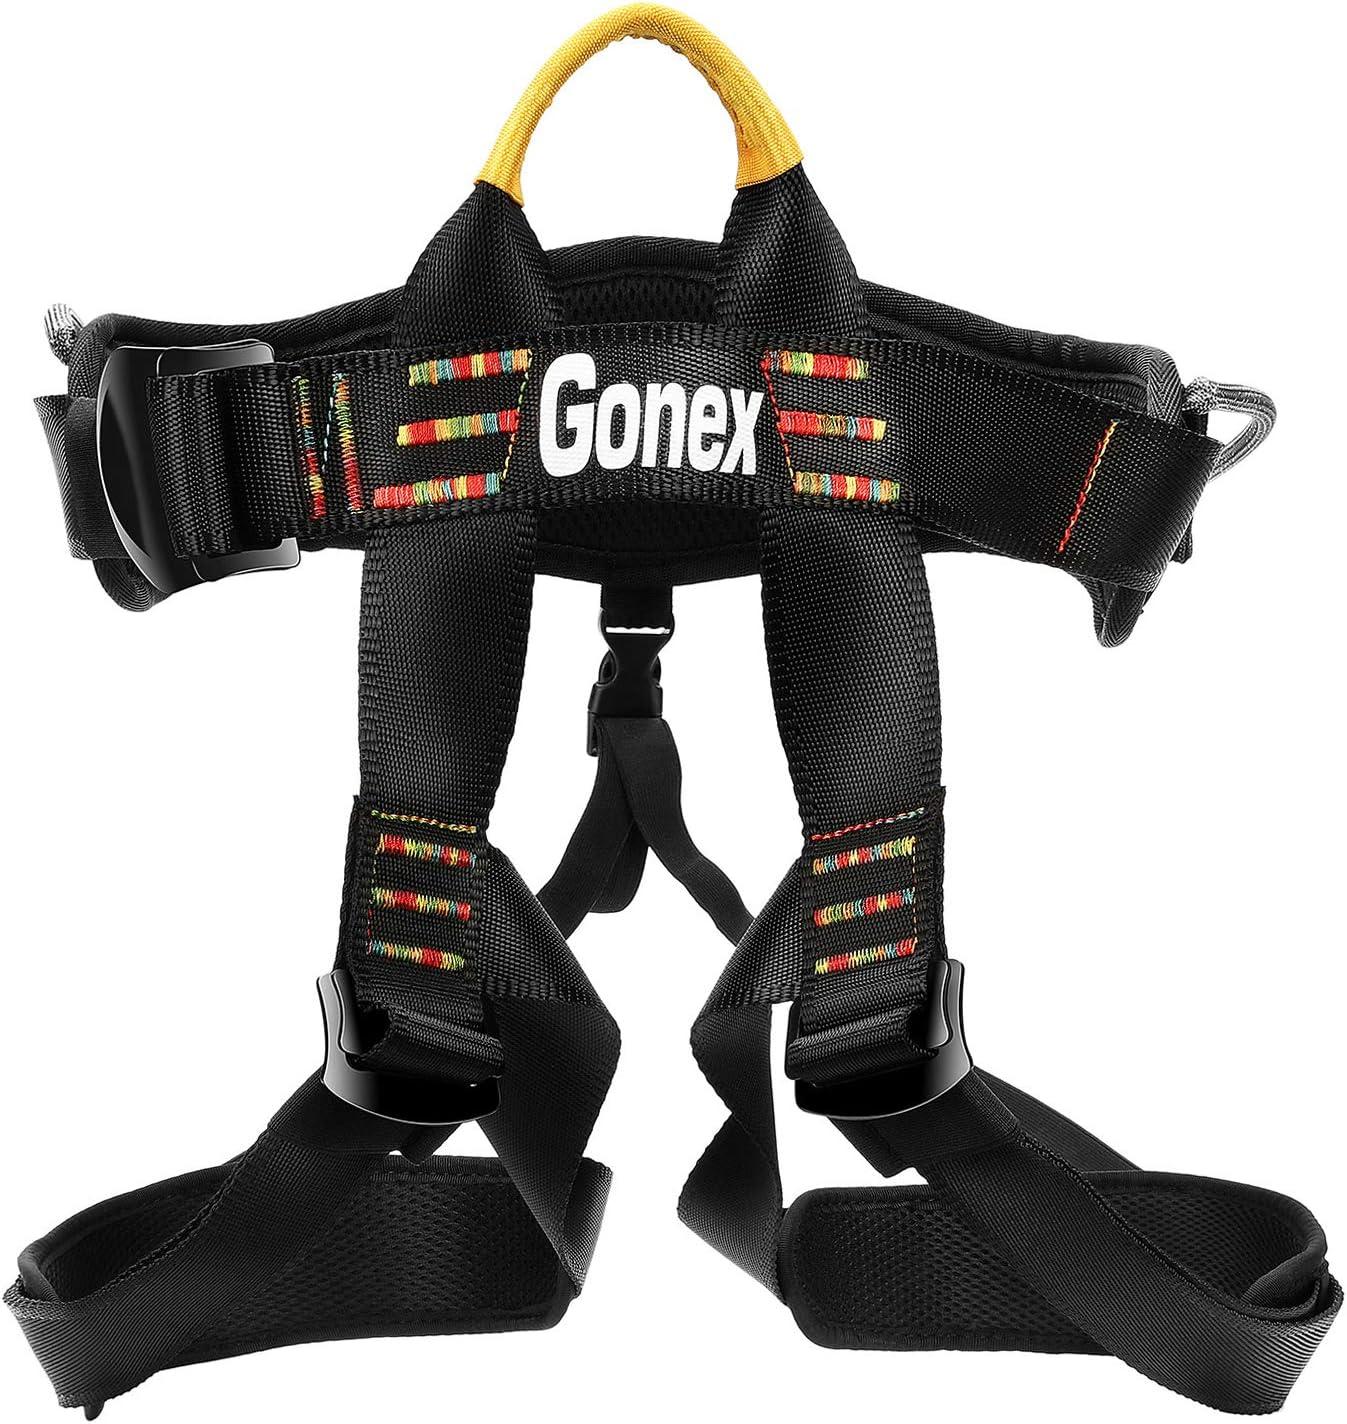 Gonex Arnés de Escalada en Roca Cinturones de Seguridad para ...